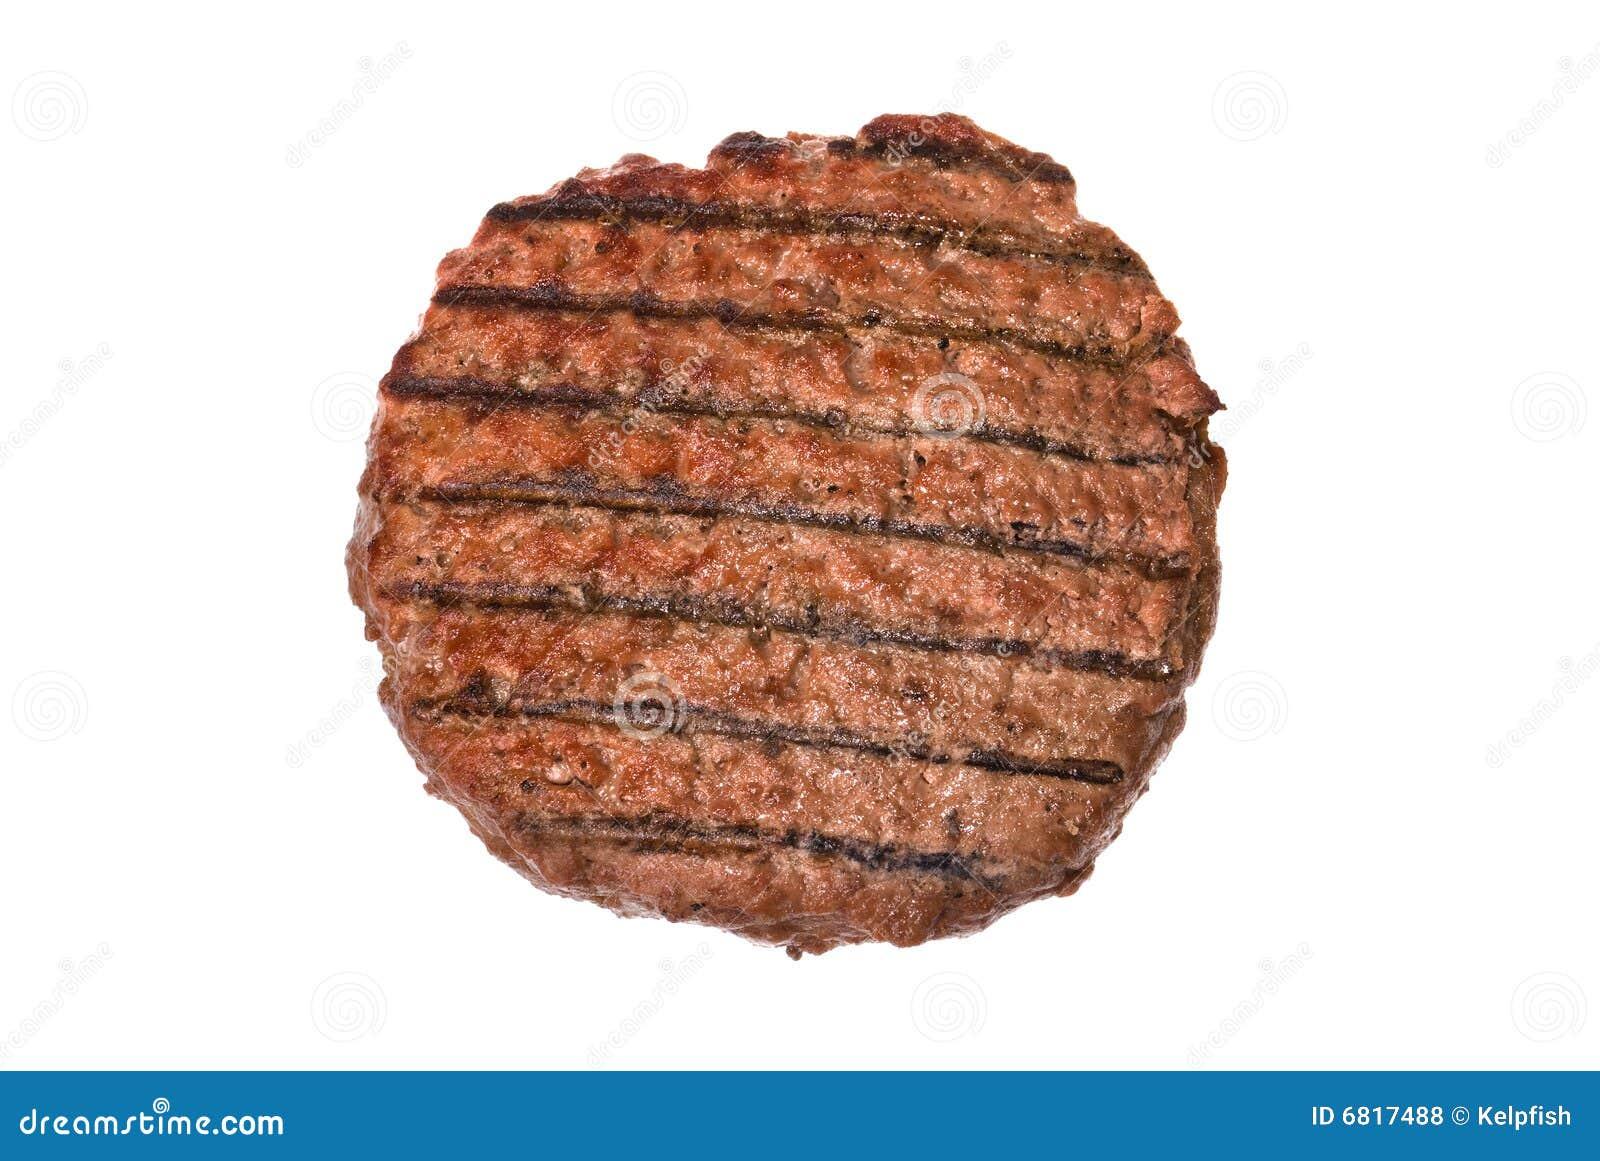 汉堡包小馅饼